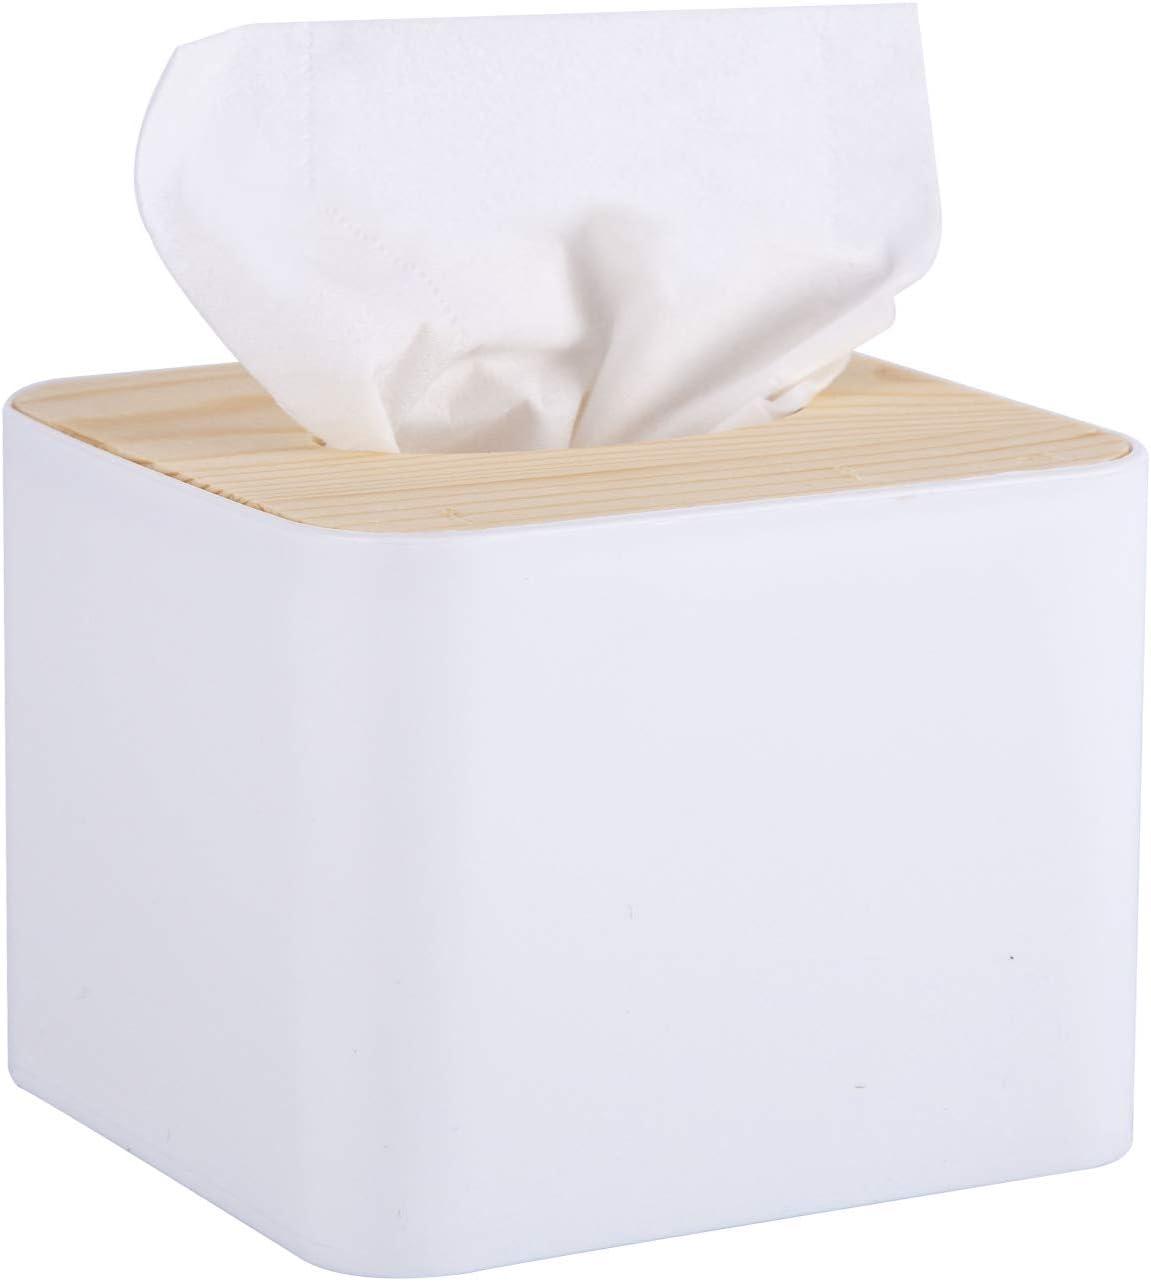 Blkthun - Caja Para Pañuelos, Caja de Servilleta Para Papel, Tapa de Bambú Dispensador de Pañuelos, Tissue Boxsador de Pañuelos